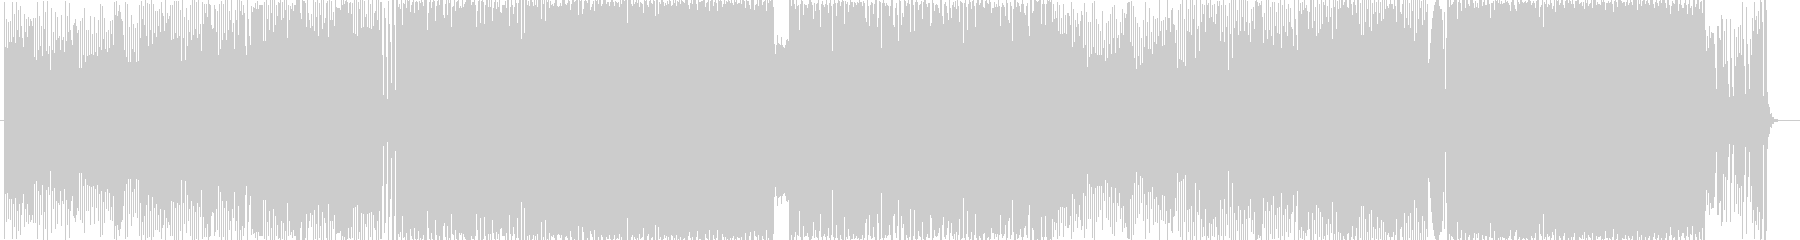 EDM風BGM BPM130 の未再生の波形